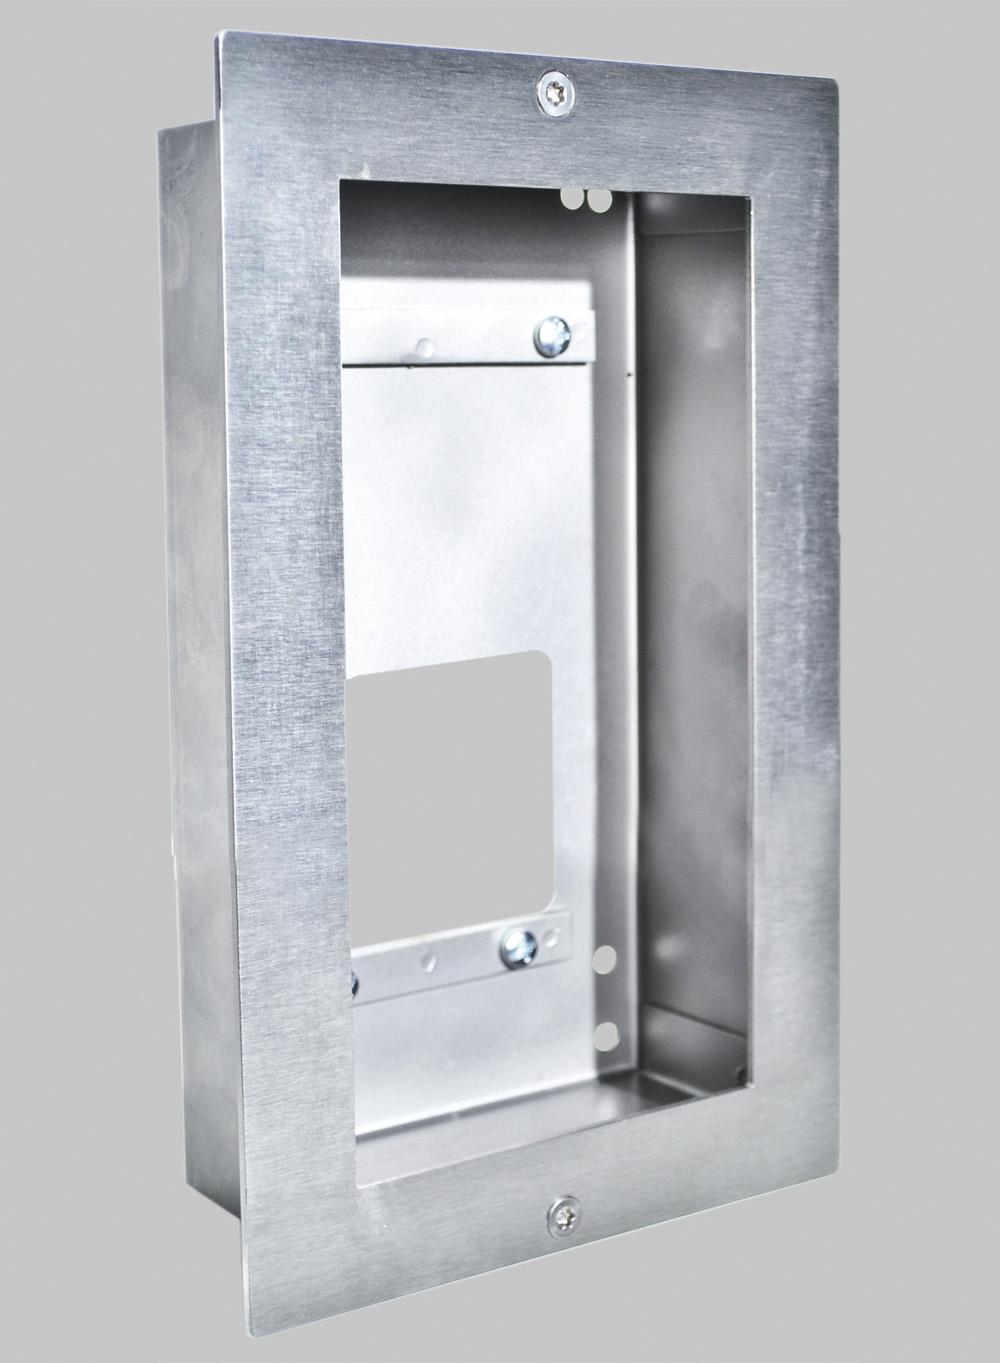 Up-Kasten-Tagalarm-740002.jpg